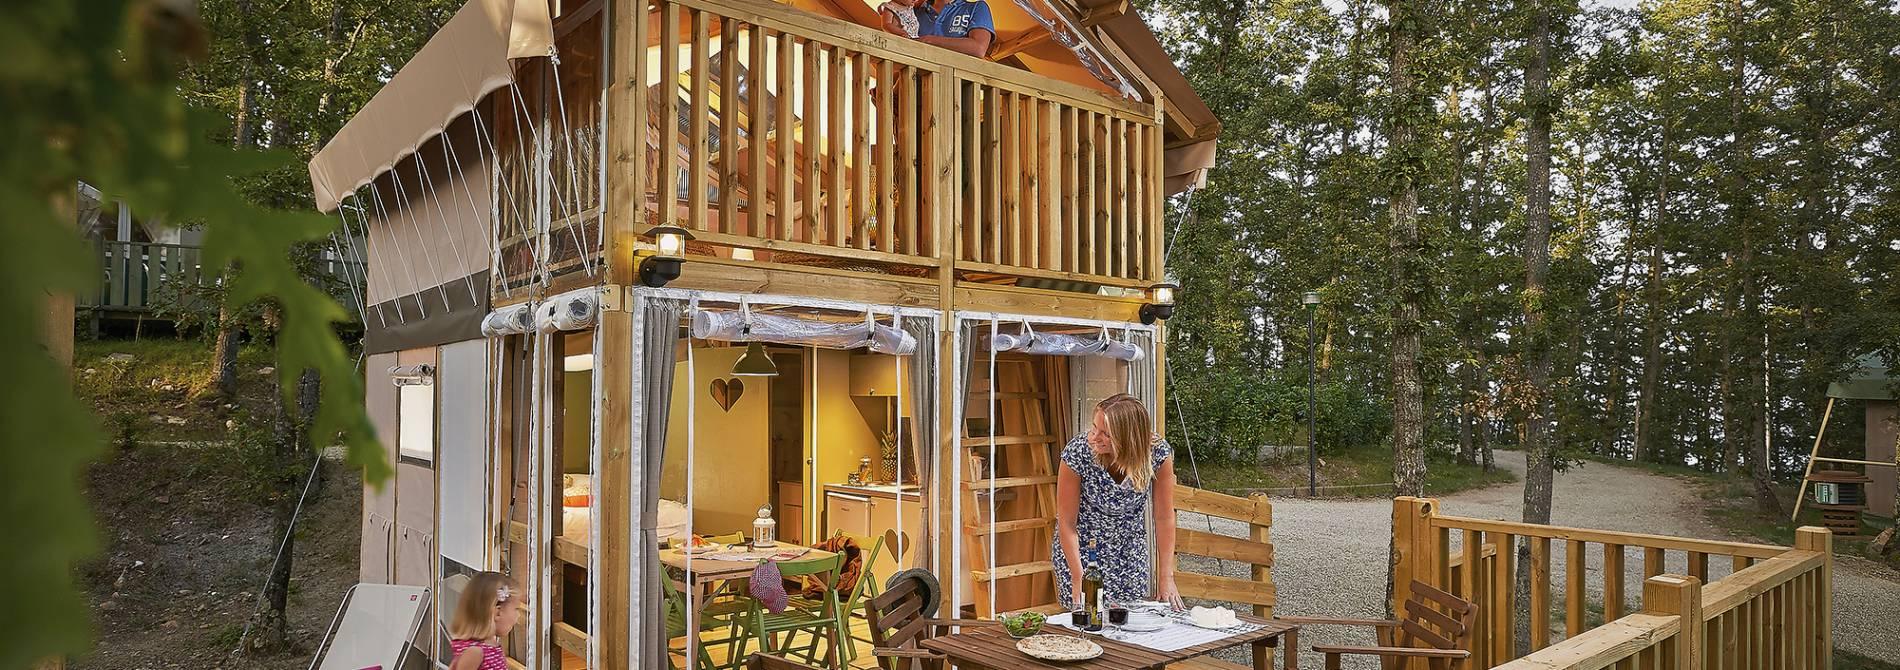 vacanza glamping camping italia croazia francia spagna campeggi di lusso. Black Bedroom Furniture Sets. Home Design Ideas